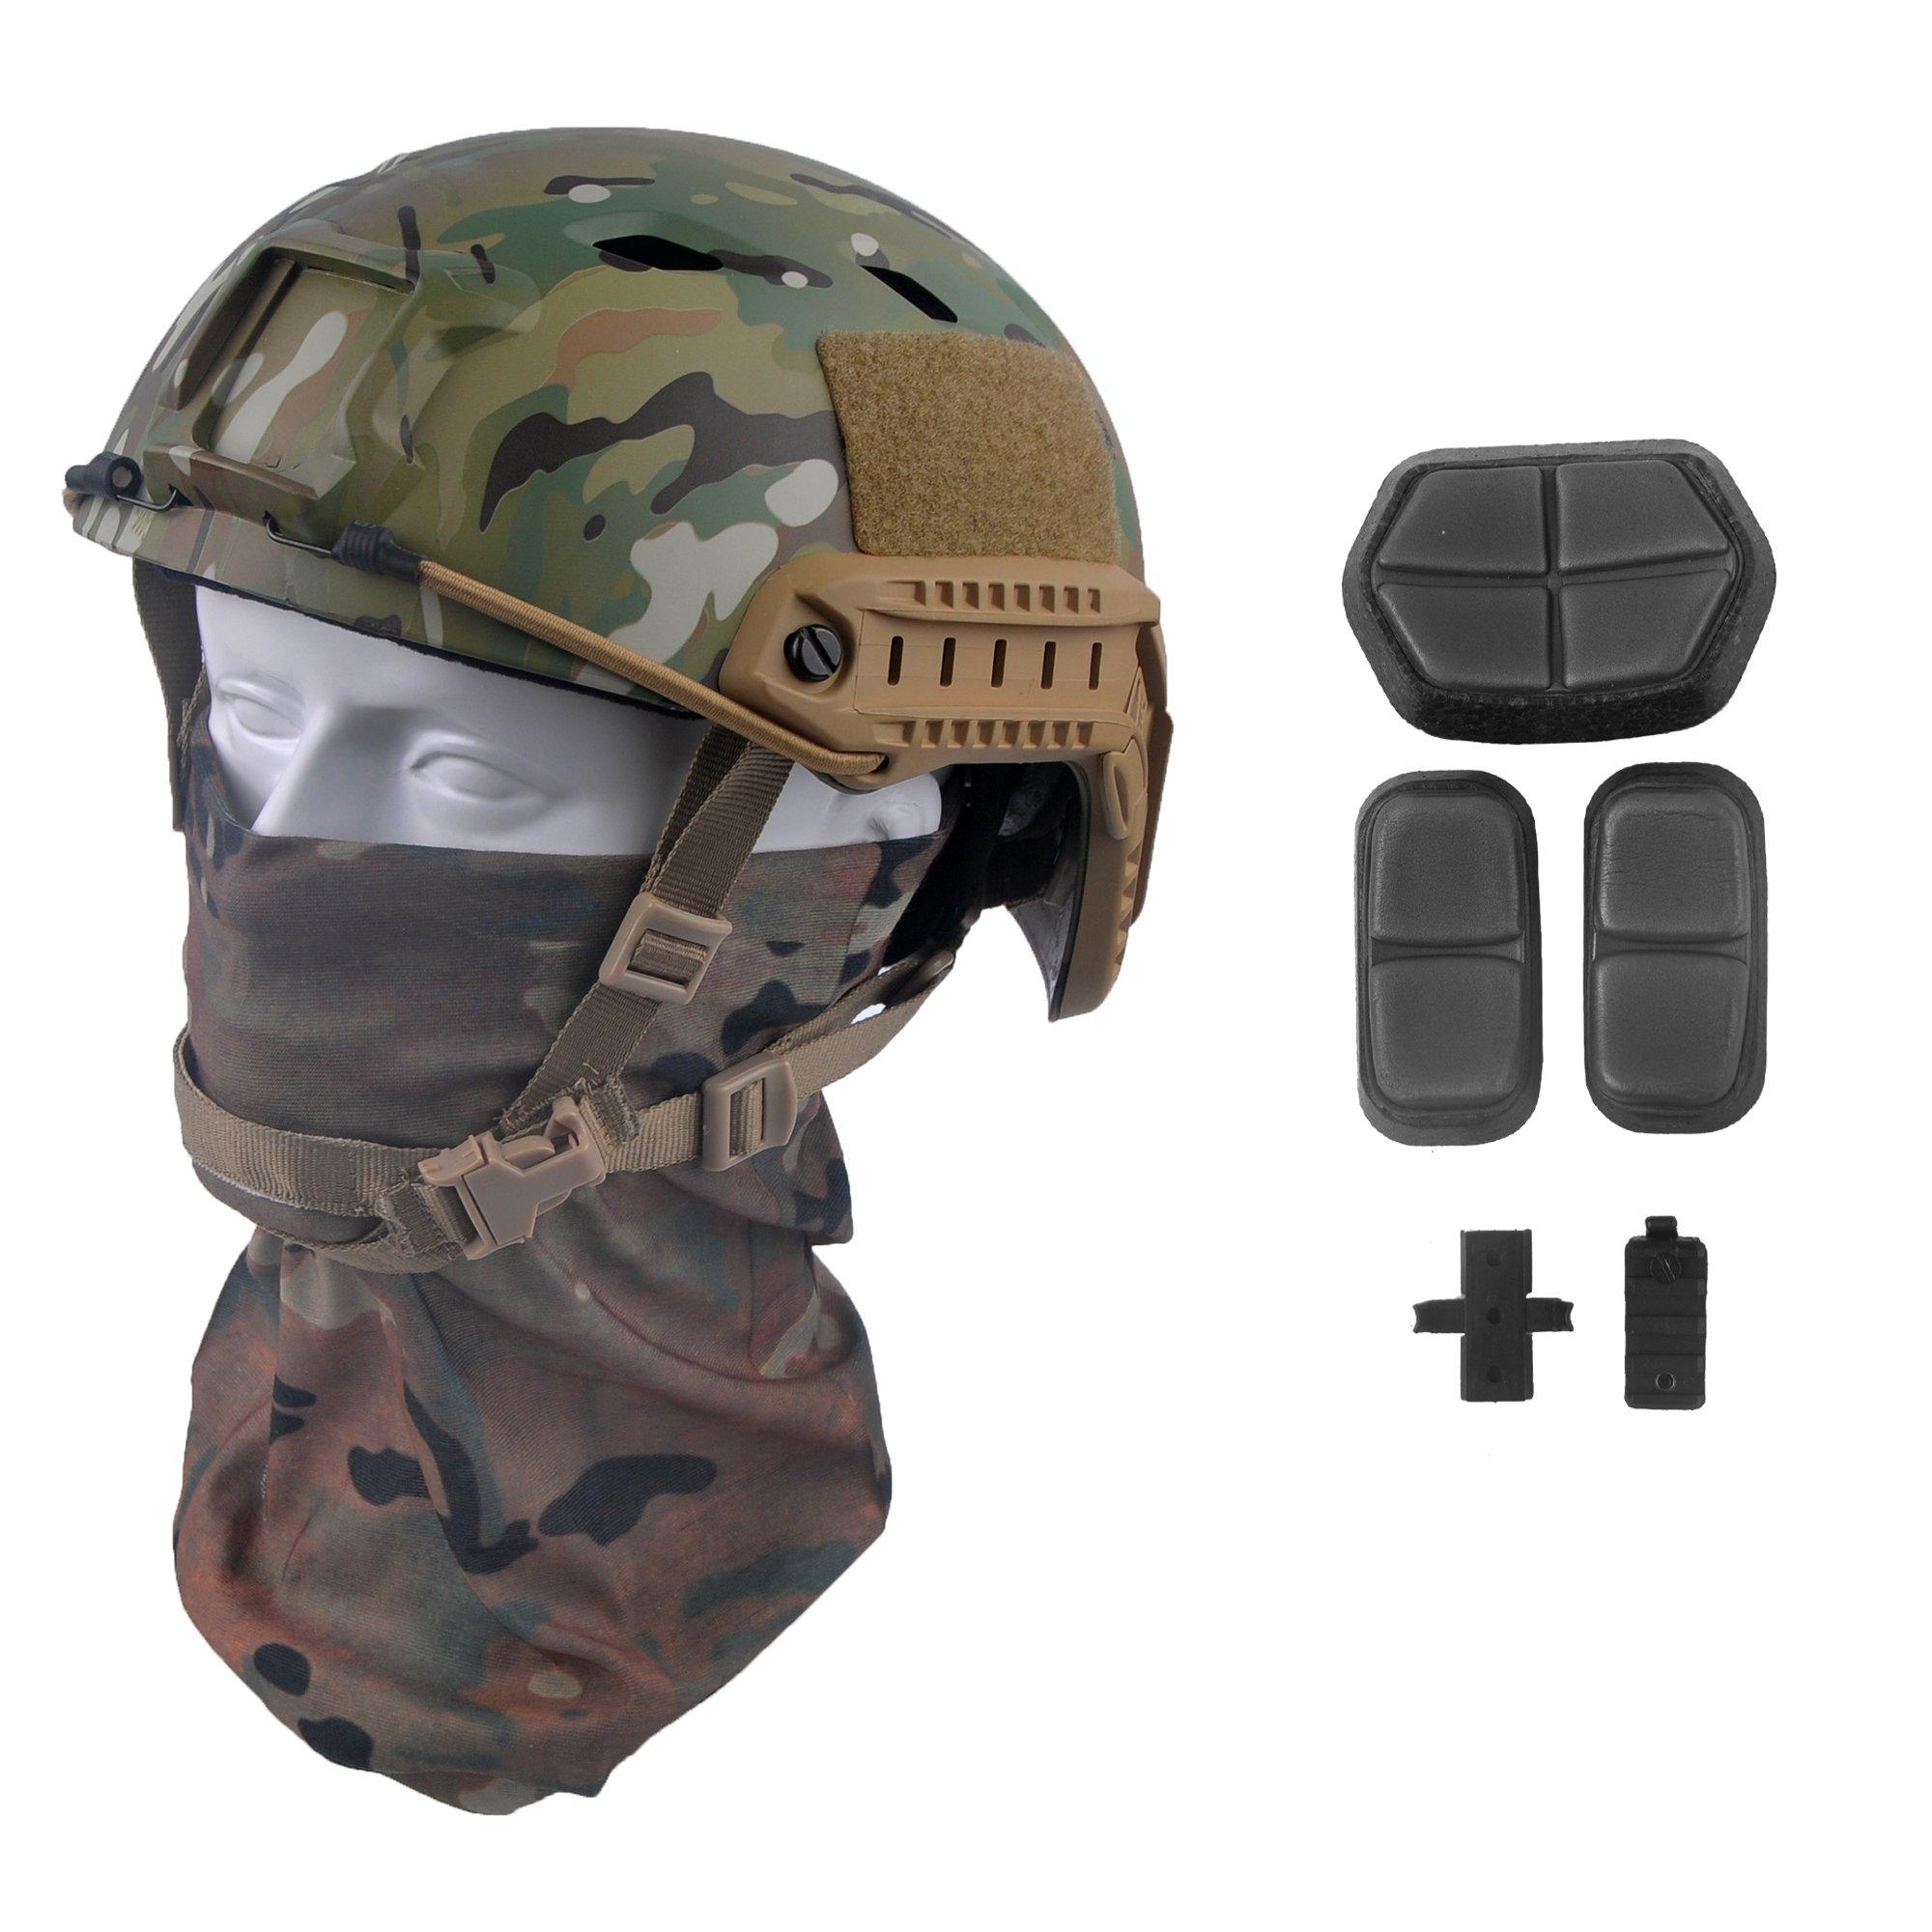 LOOGU Fast BJ Base Jump Military Helmet with 12-in-1 Headwear (MC) by LOOGU